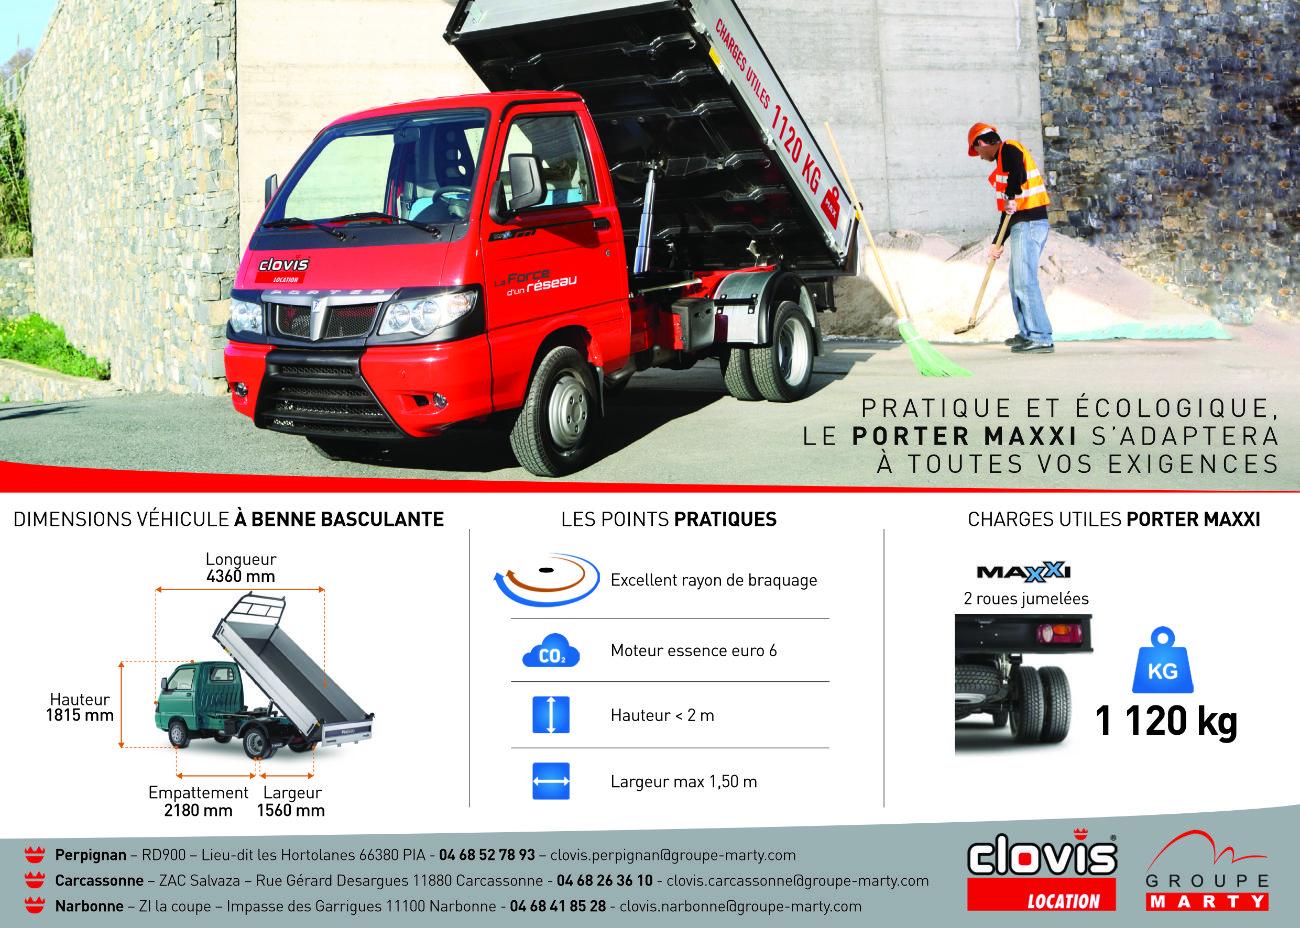 Flyer verso de promotion d'un nouveau véhicule utilitaire Piaggio Porter